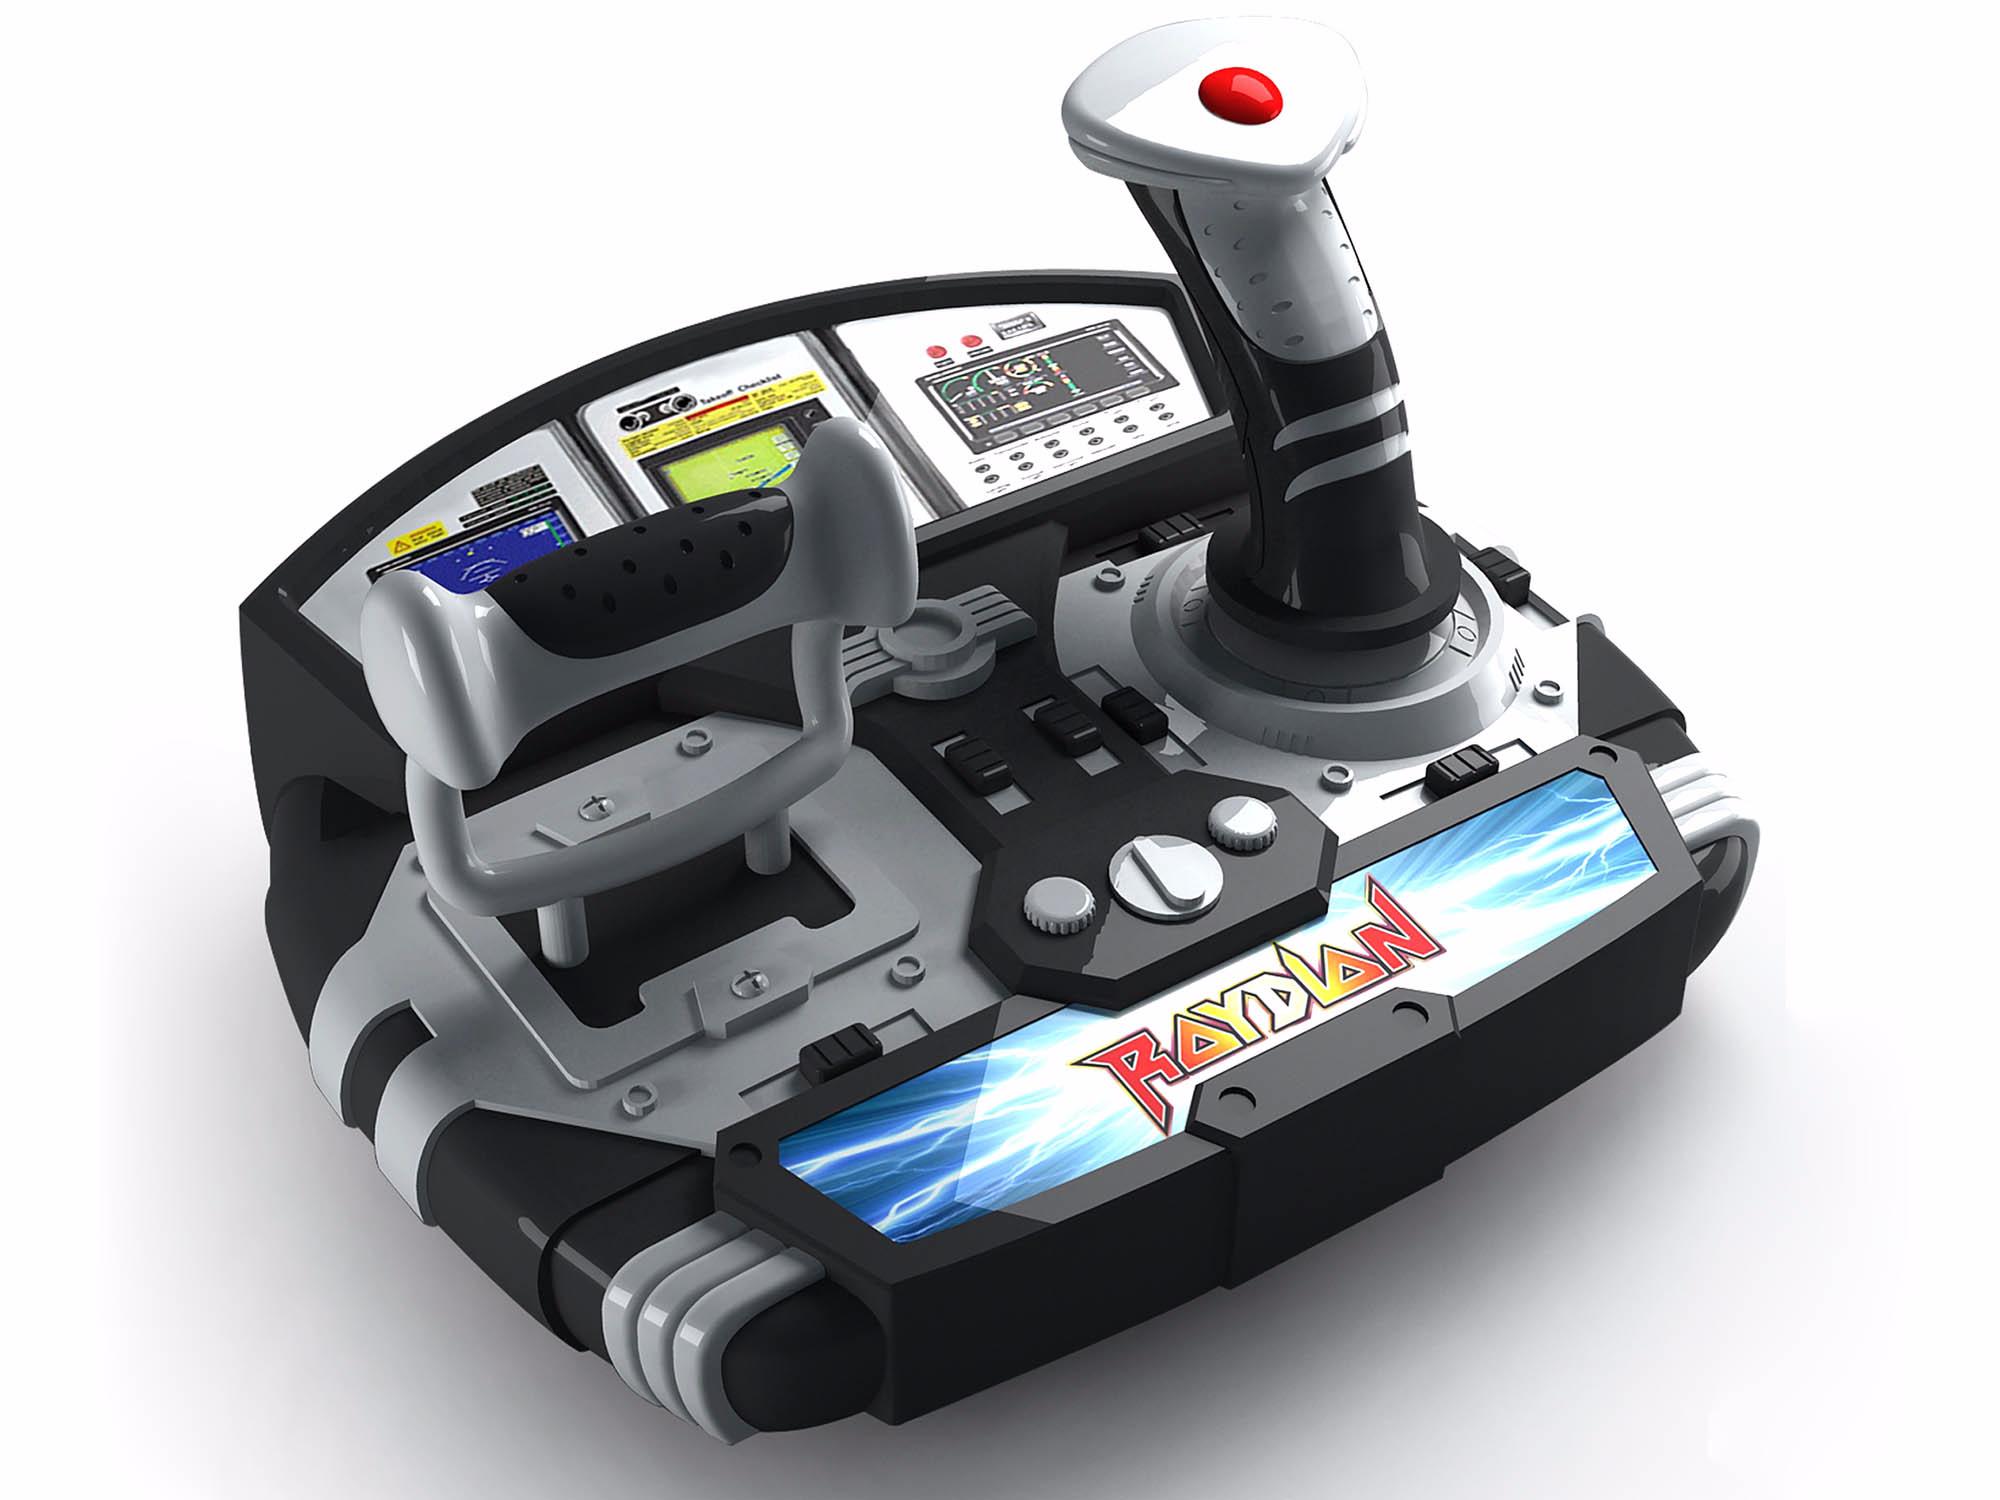 仿真驾驶控制台玩具设计